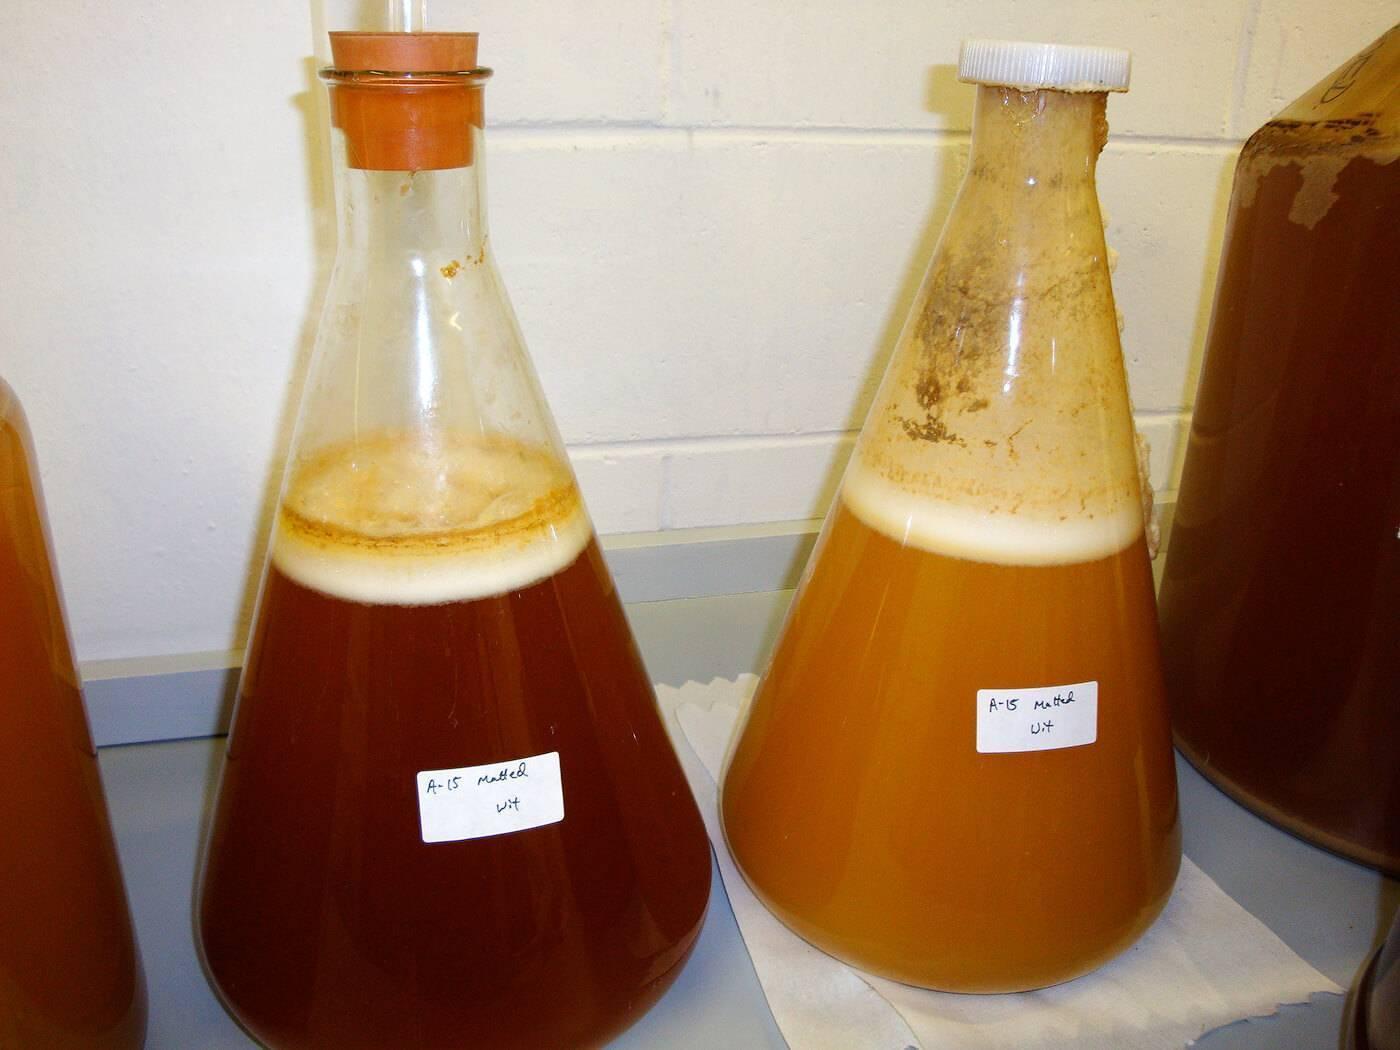 Длительность и температура брожения пива